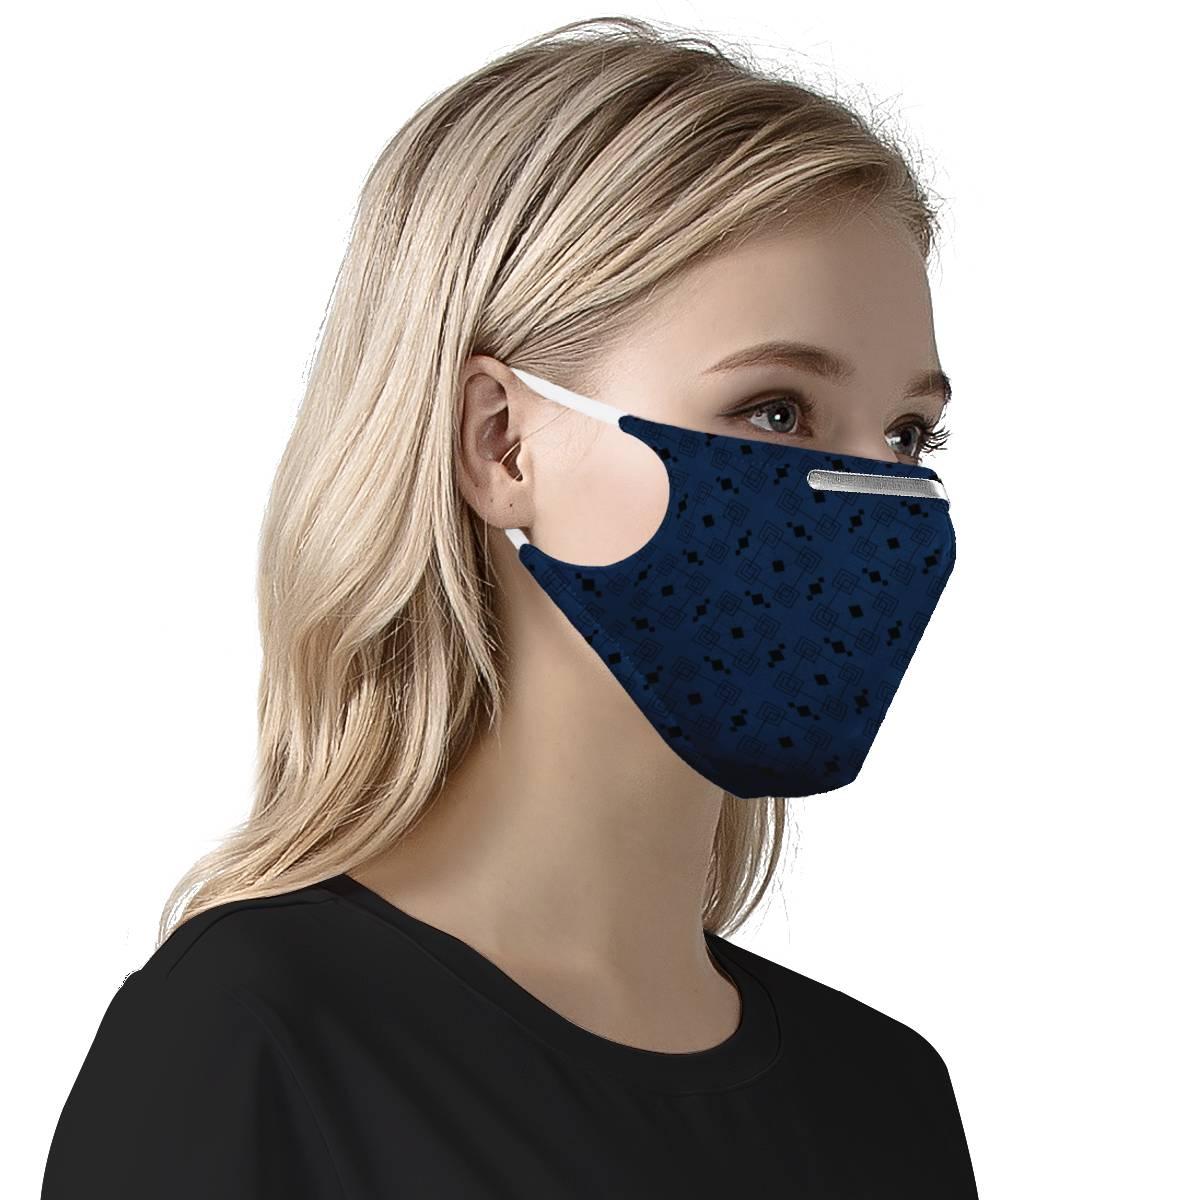 Lakeland's Mask Starter Pack 3